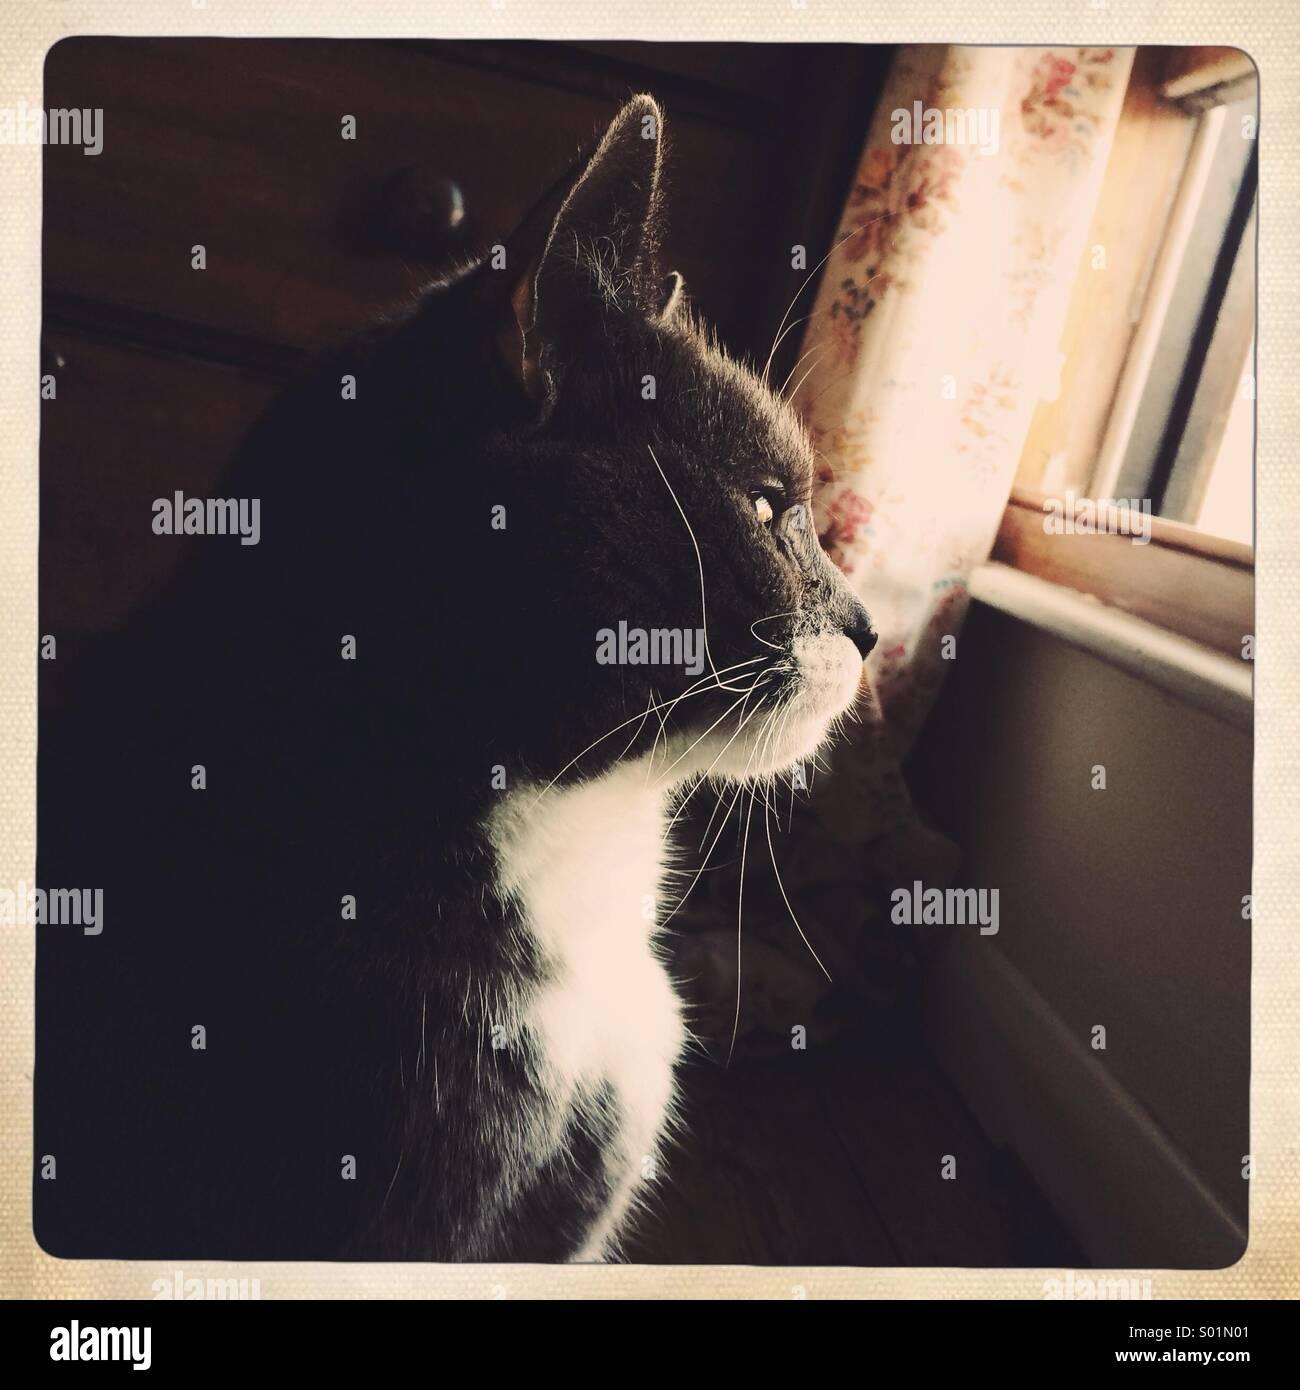 Gatto grigio guardando fuori della finestra Immagini Stock